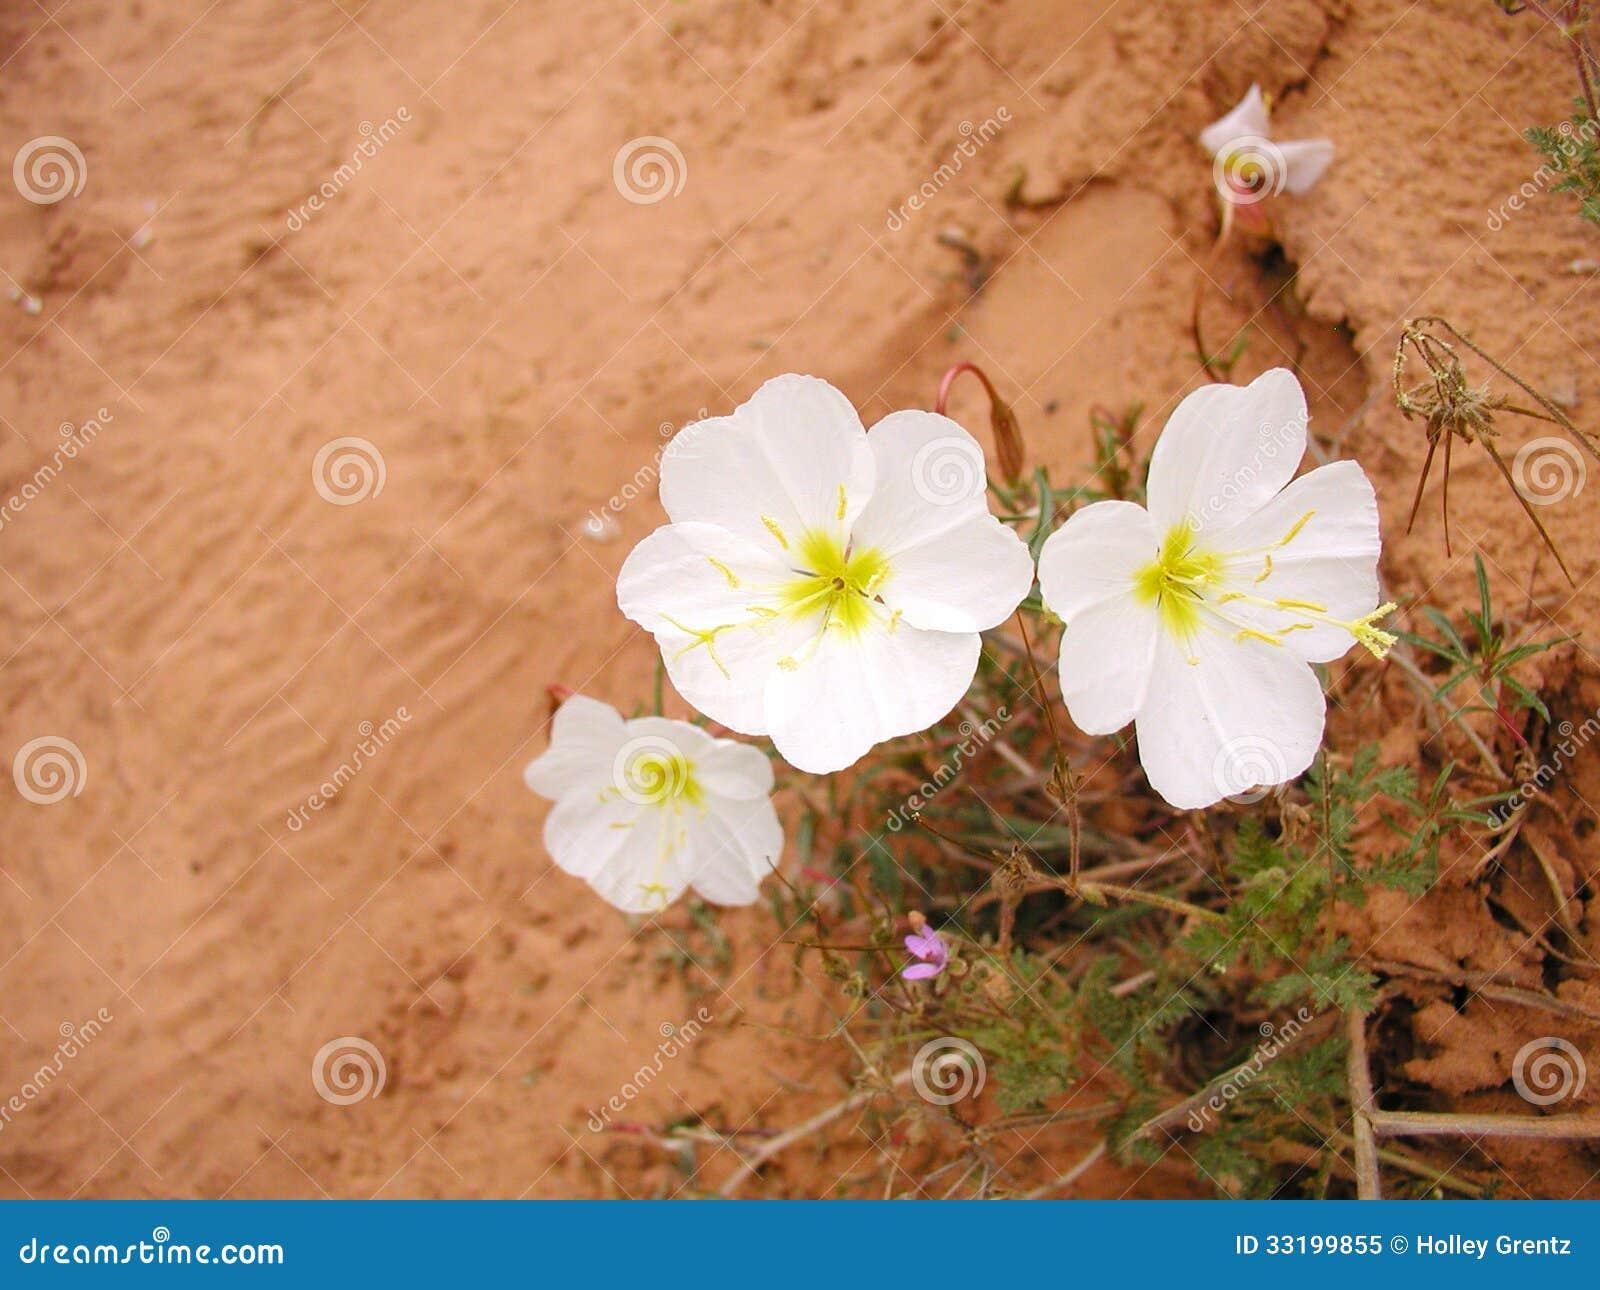 White desert flowers stock image image of arid nature 33199855 white desert flowers mightylinksfo